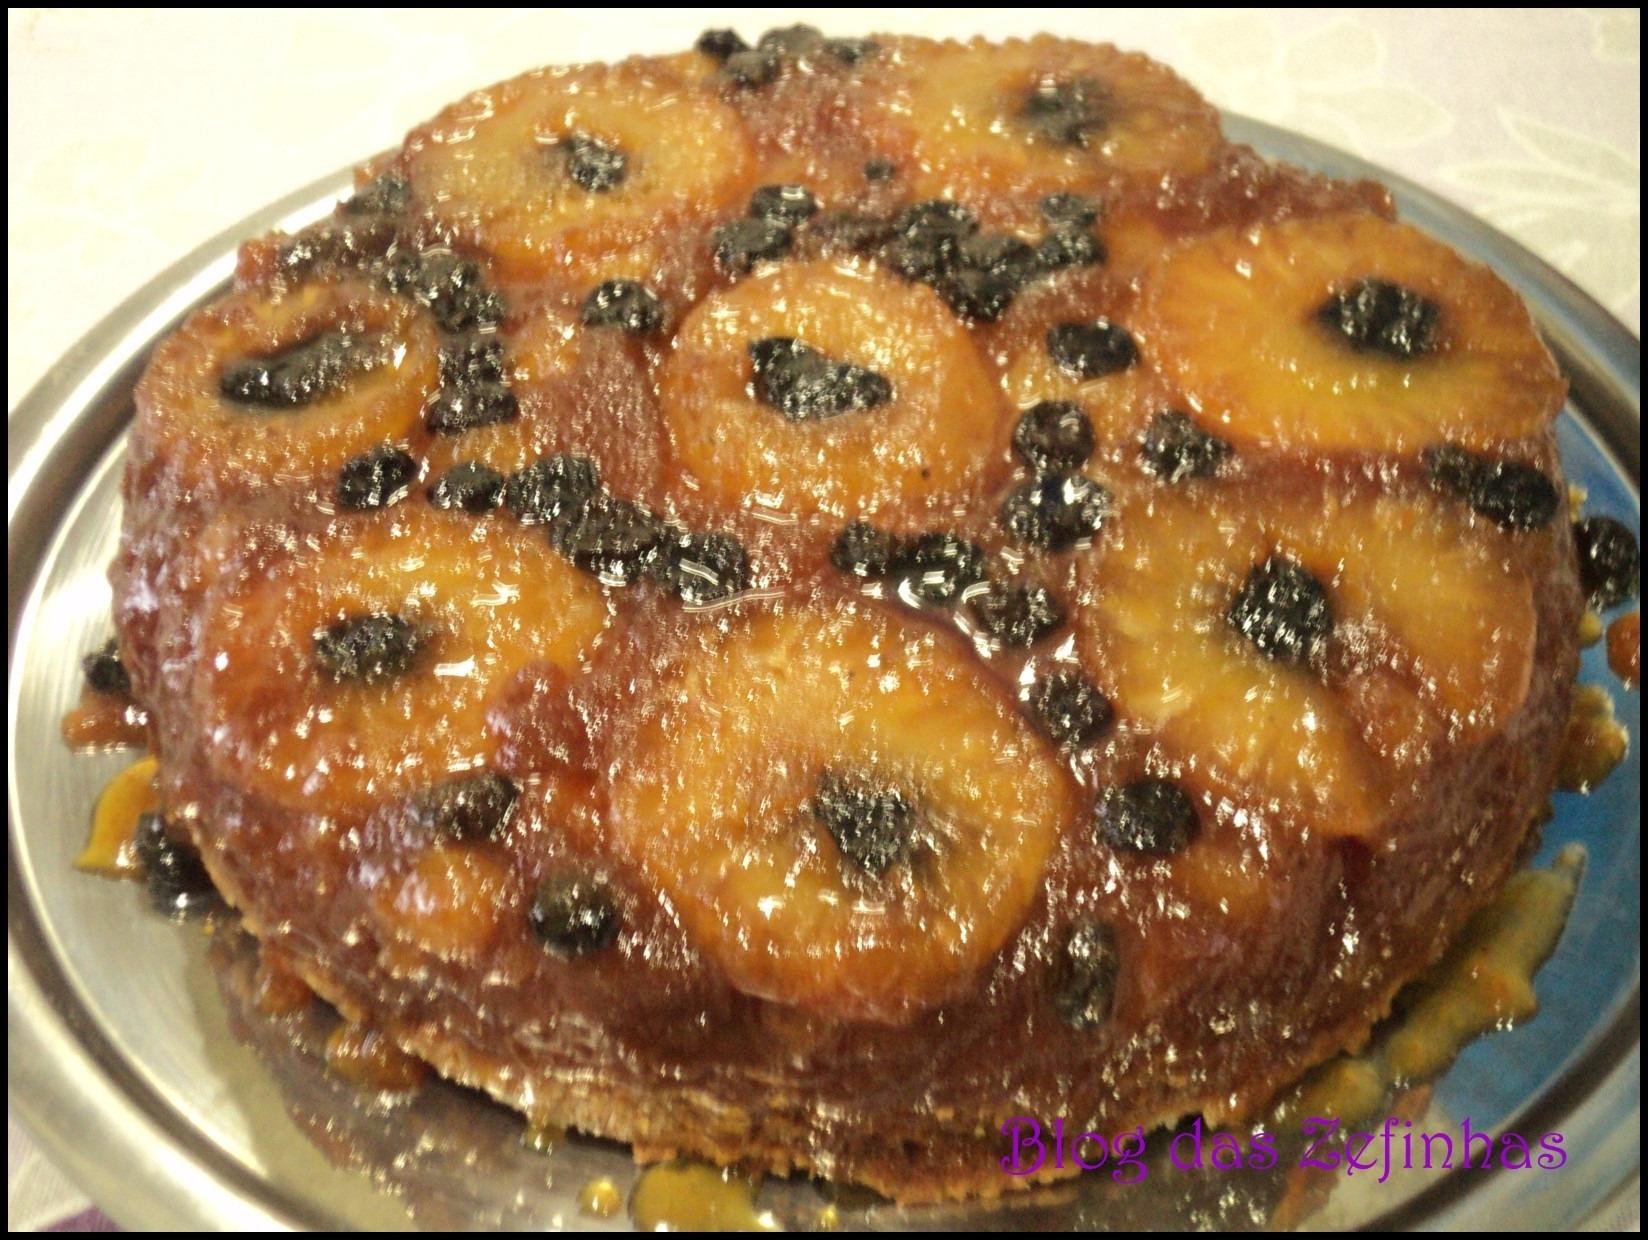 Torta de abacaxi II